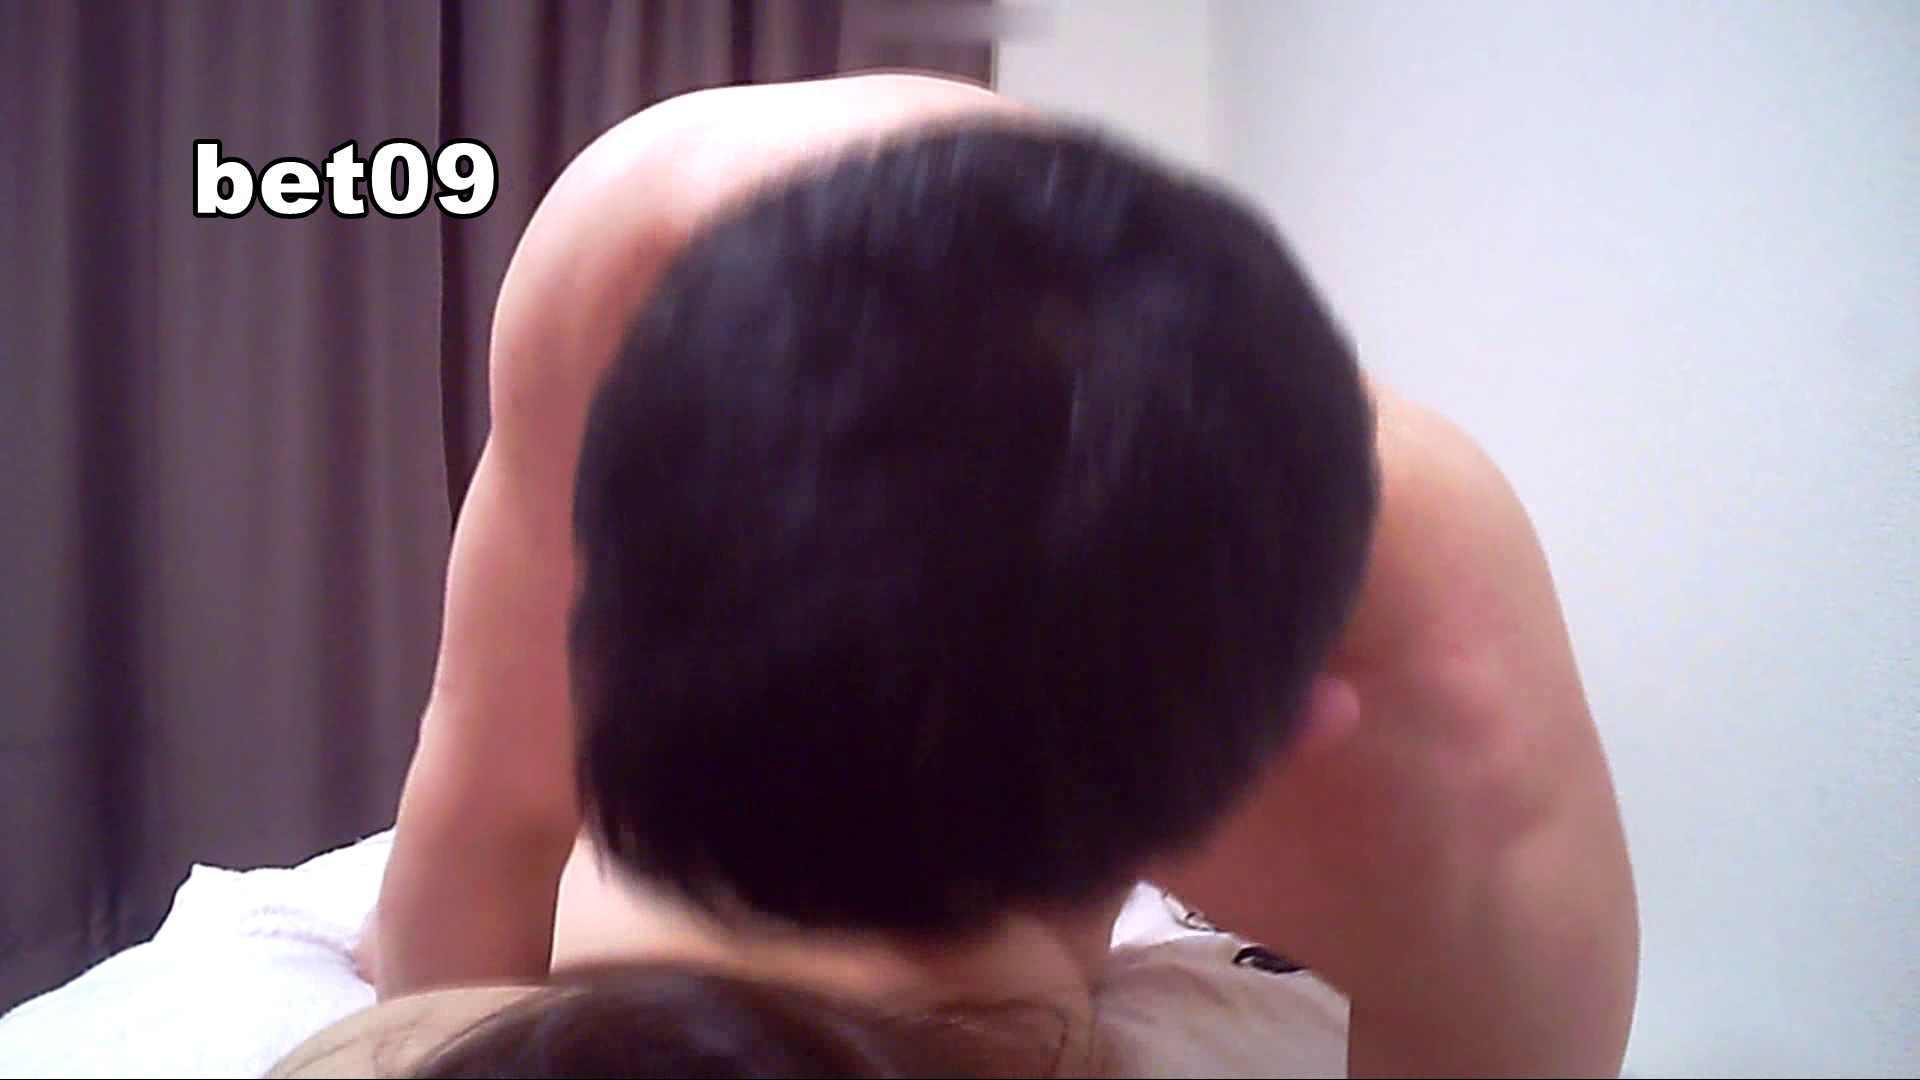 ミキ・大手旅行代理店勤務(24歳・仮名) vol.09 ミキの顔が紅潮してきます セックス  72PIX 19